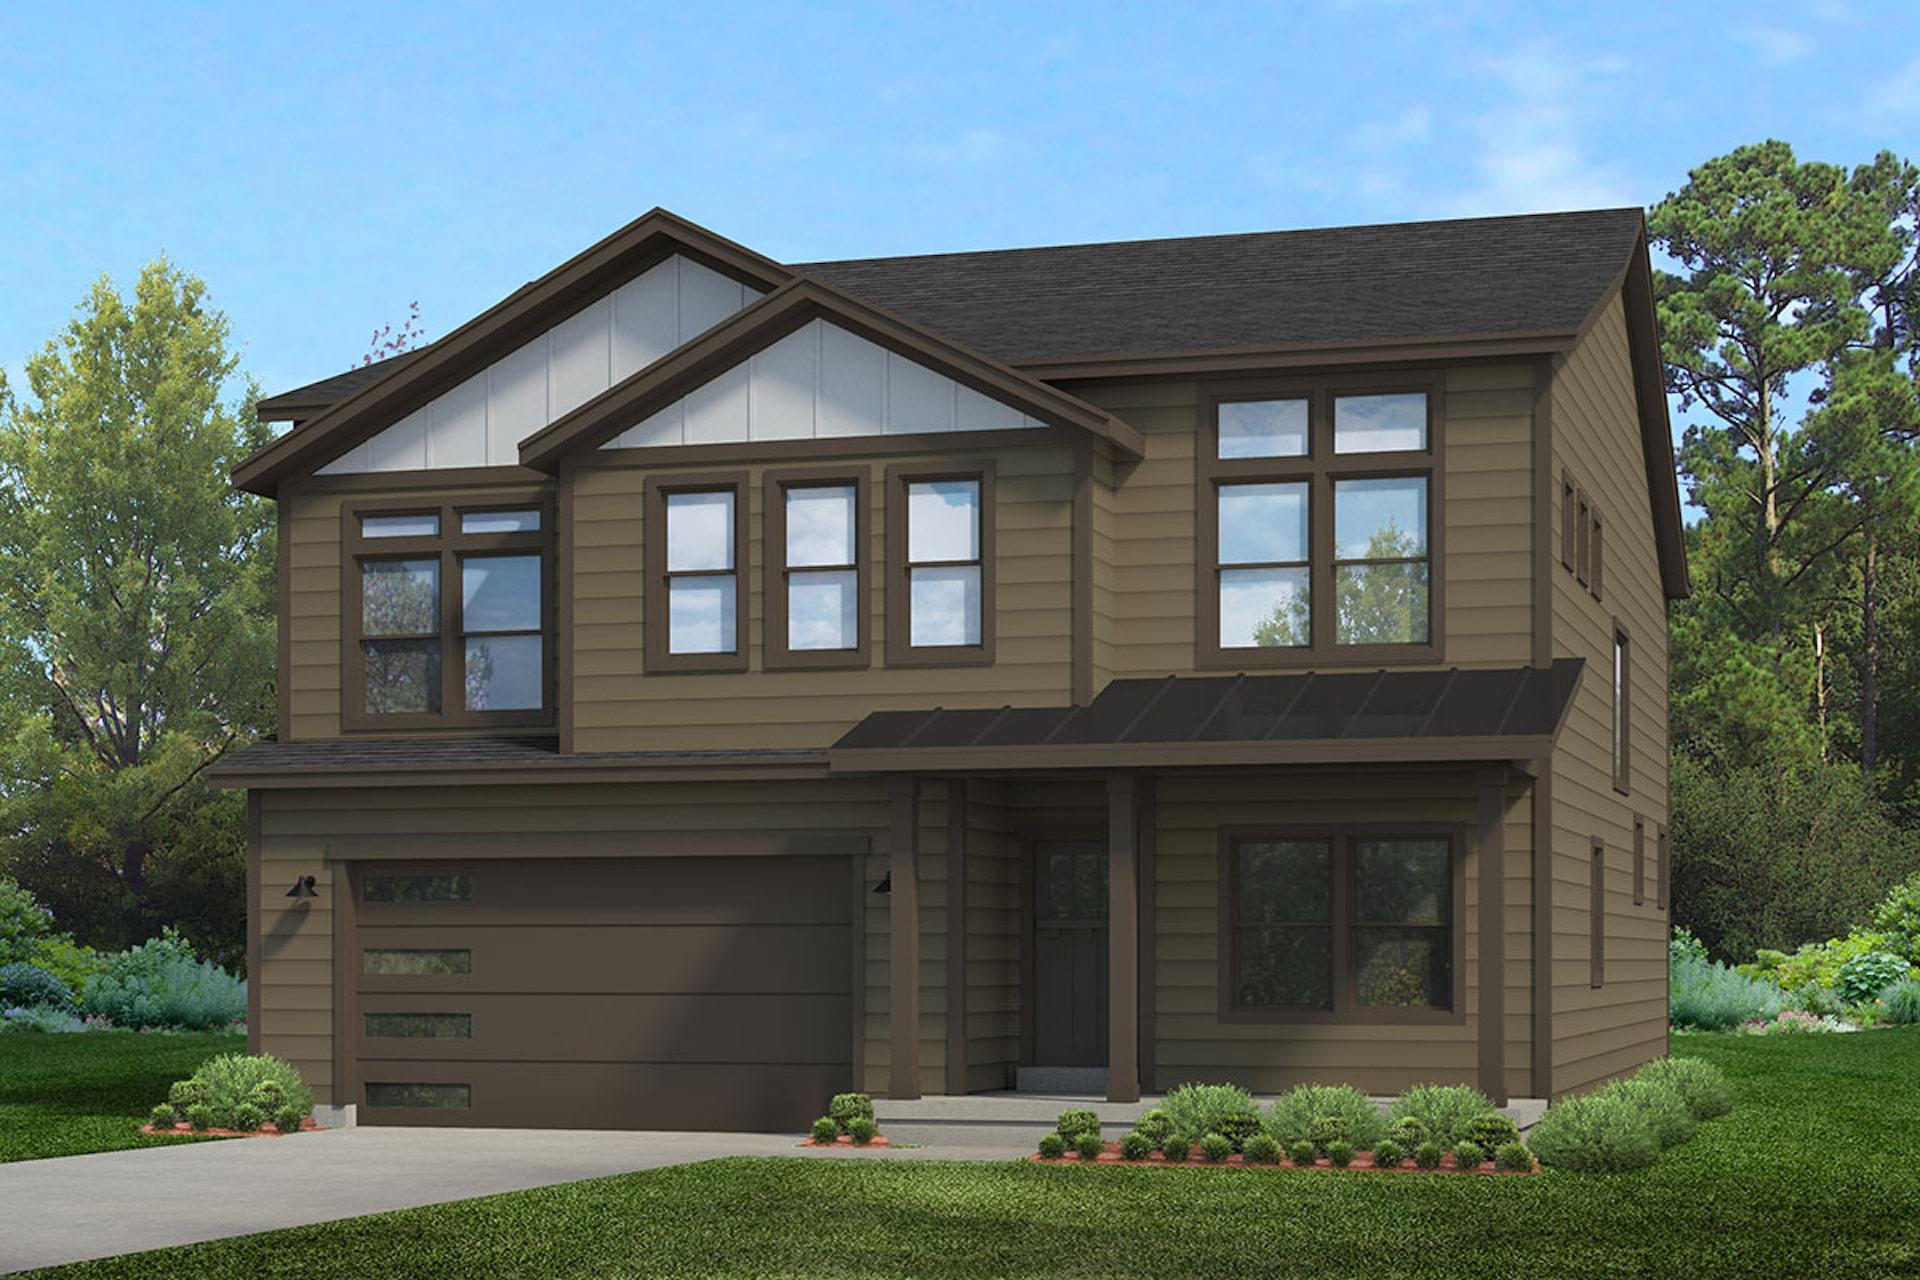 Stein new home in Park City, UT